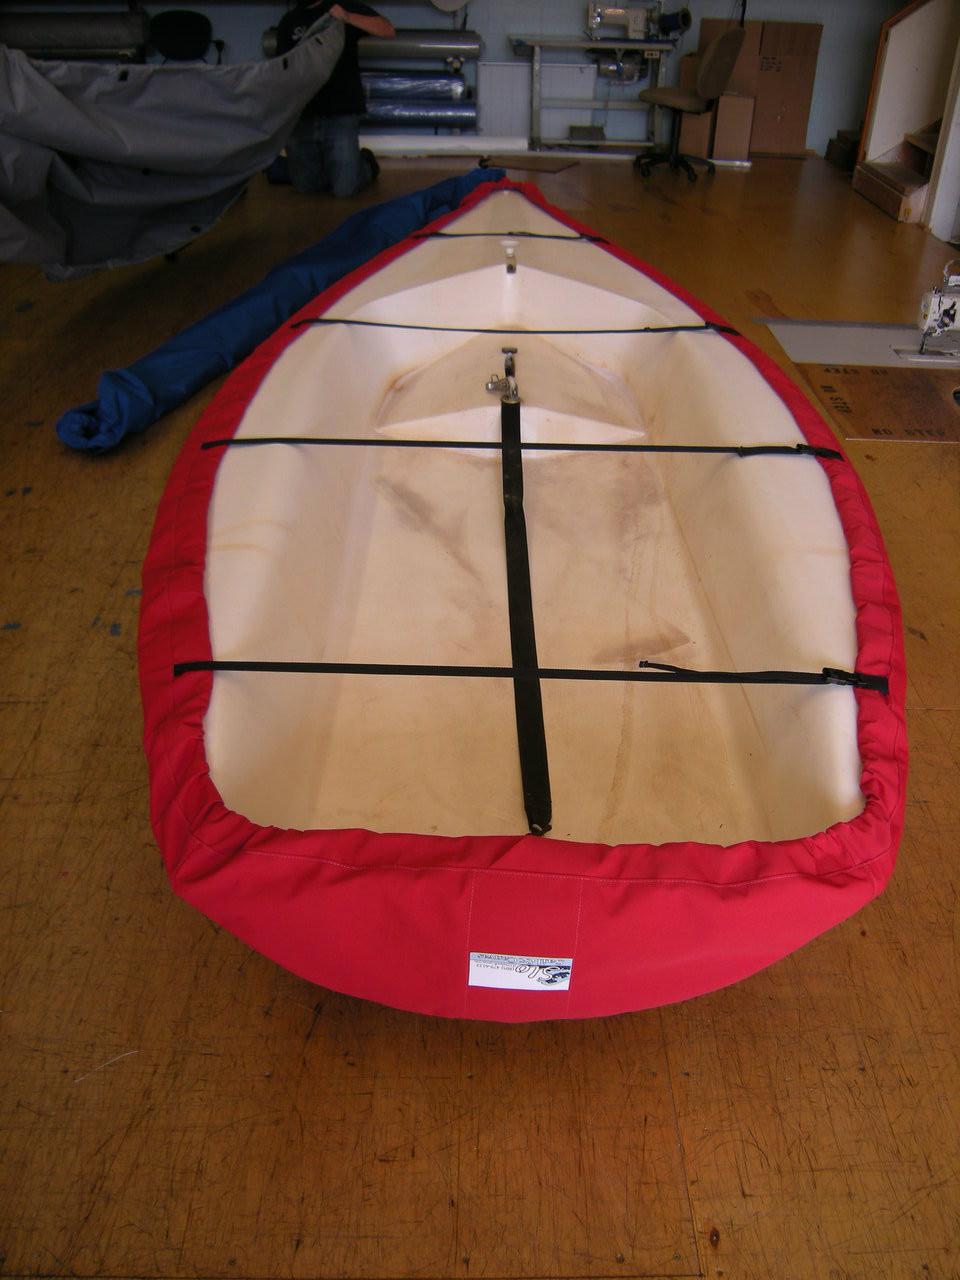 Holder 12 Sailboat Bottom Cover - Boat Hull Cover